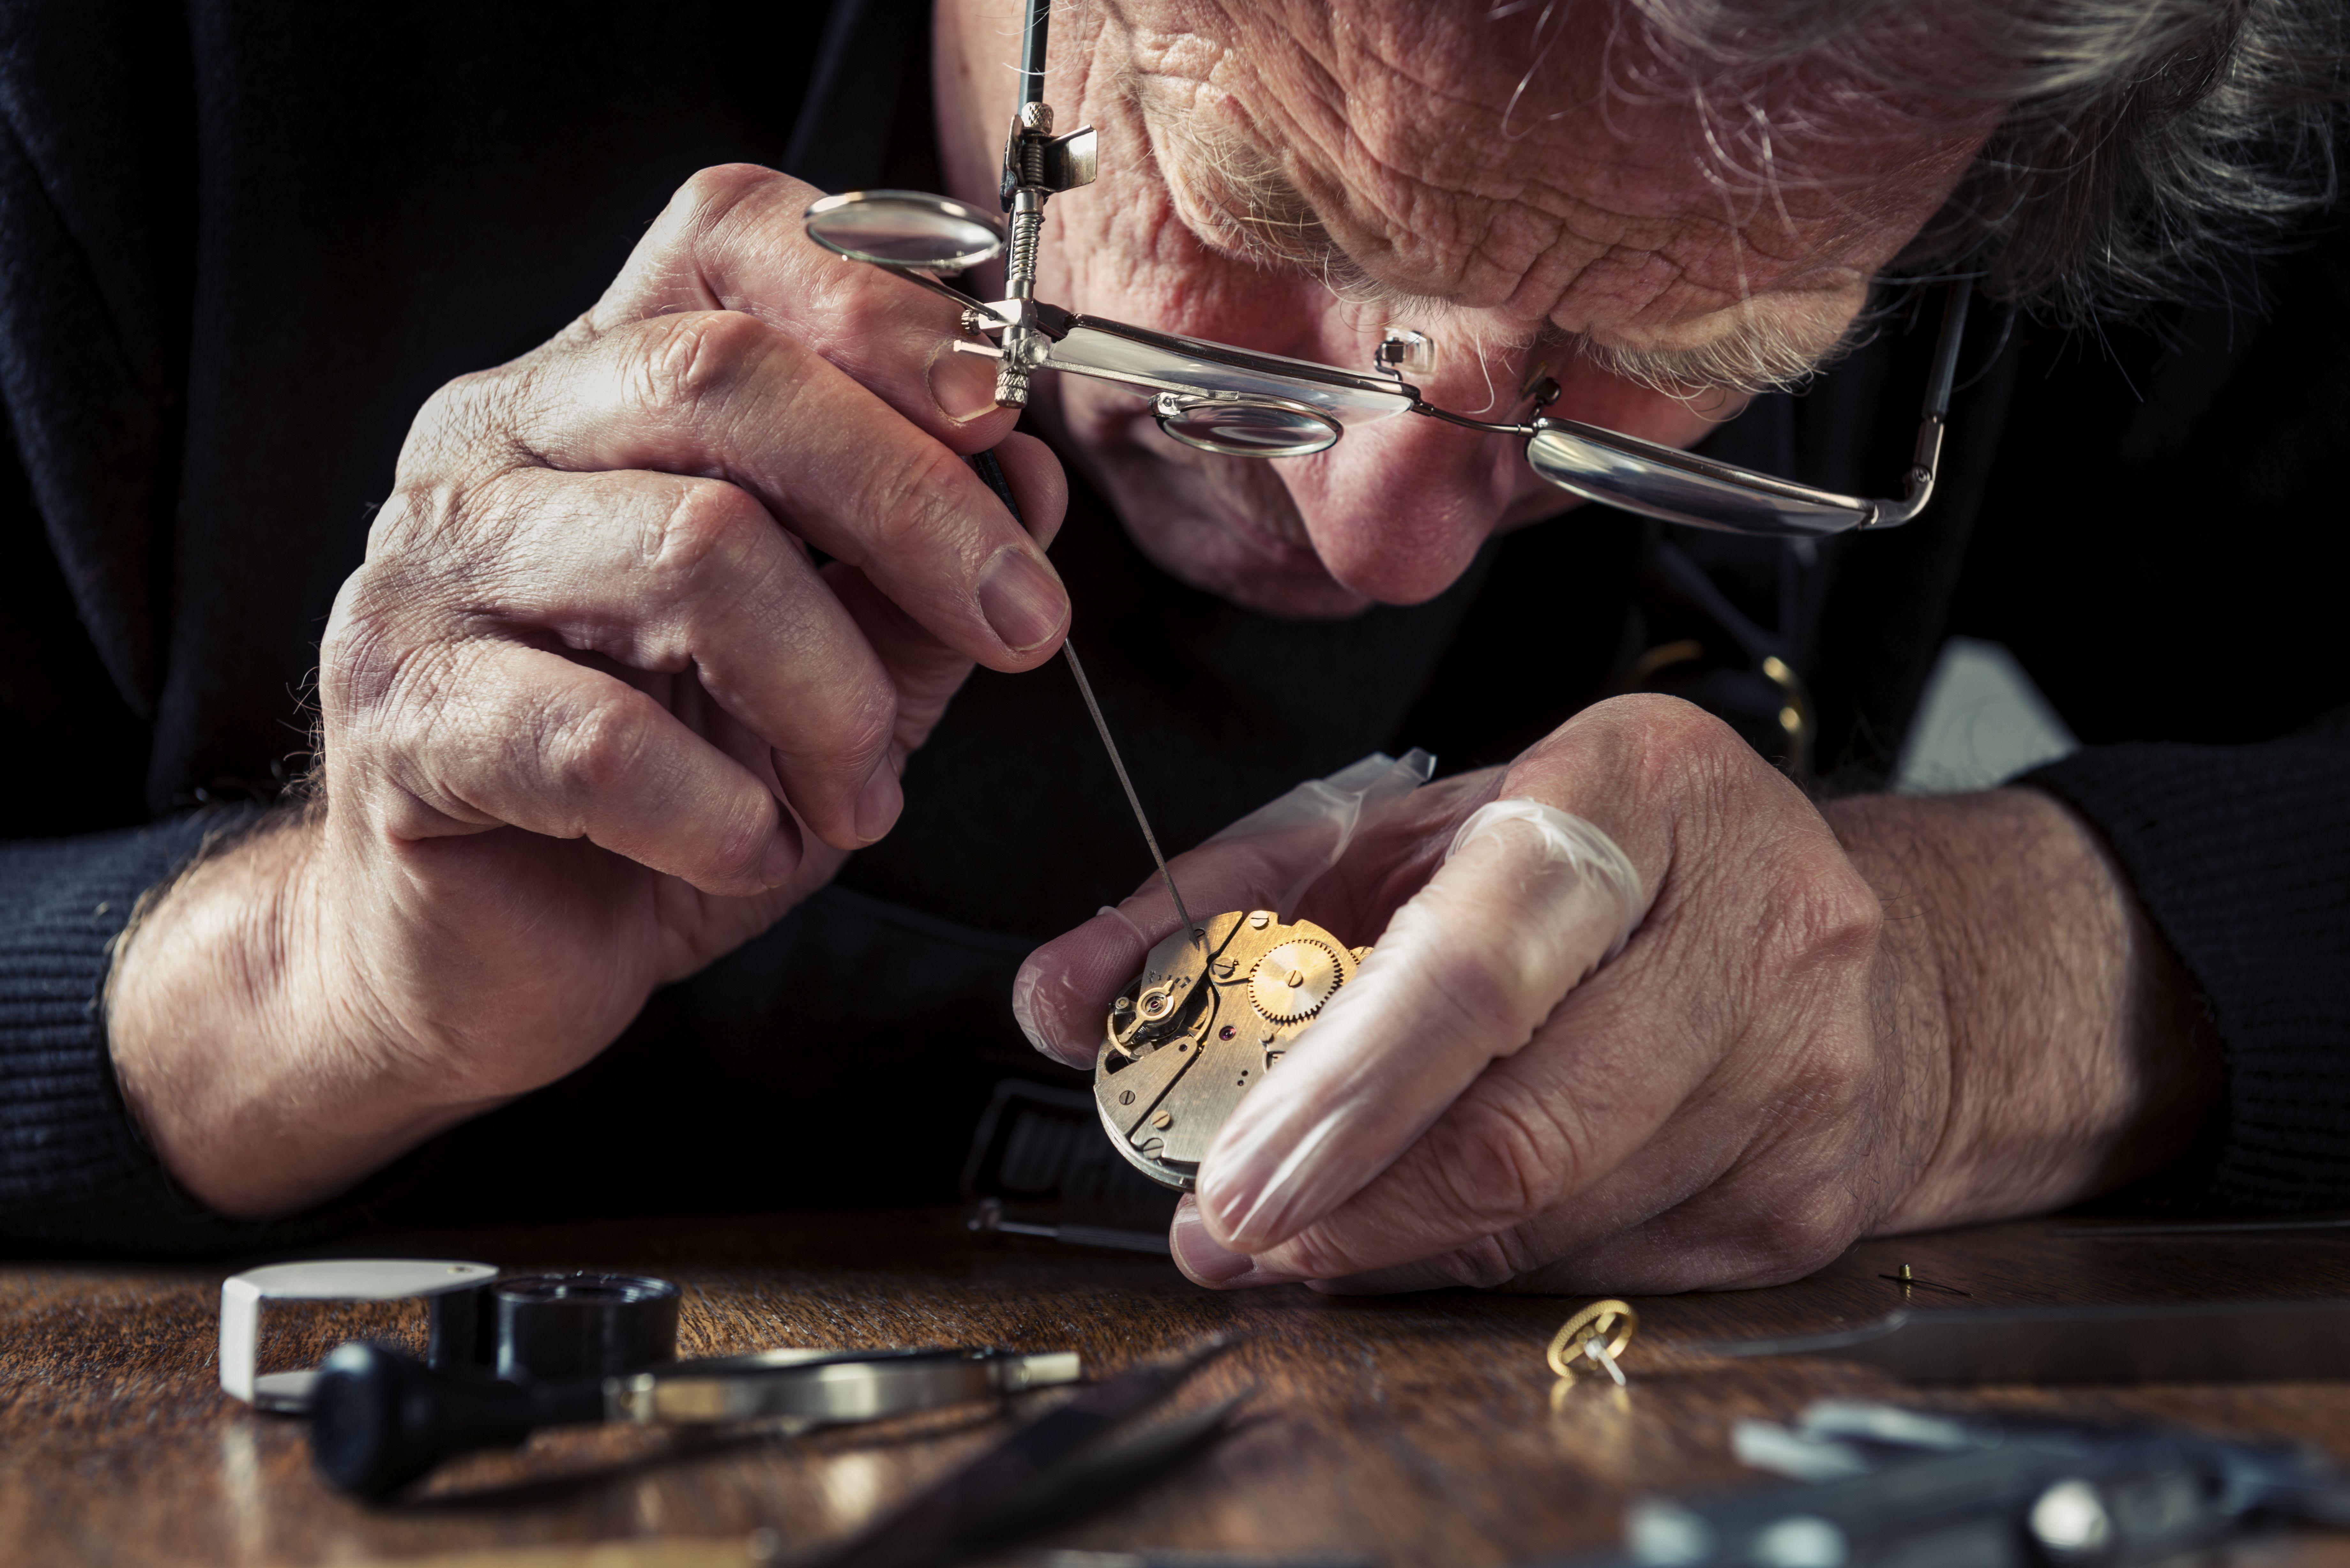 Reparación integral de relojes de sobremesa, antiguos y de torre : Productos y servicios de Relojería Torner